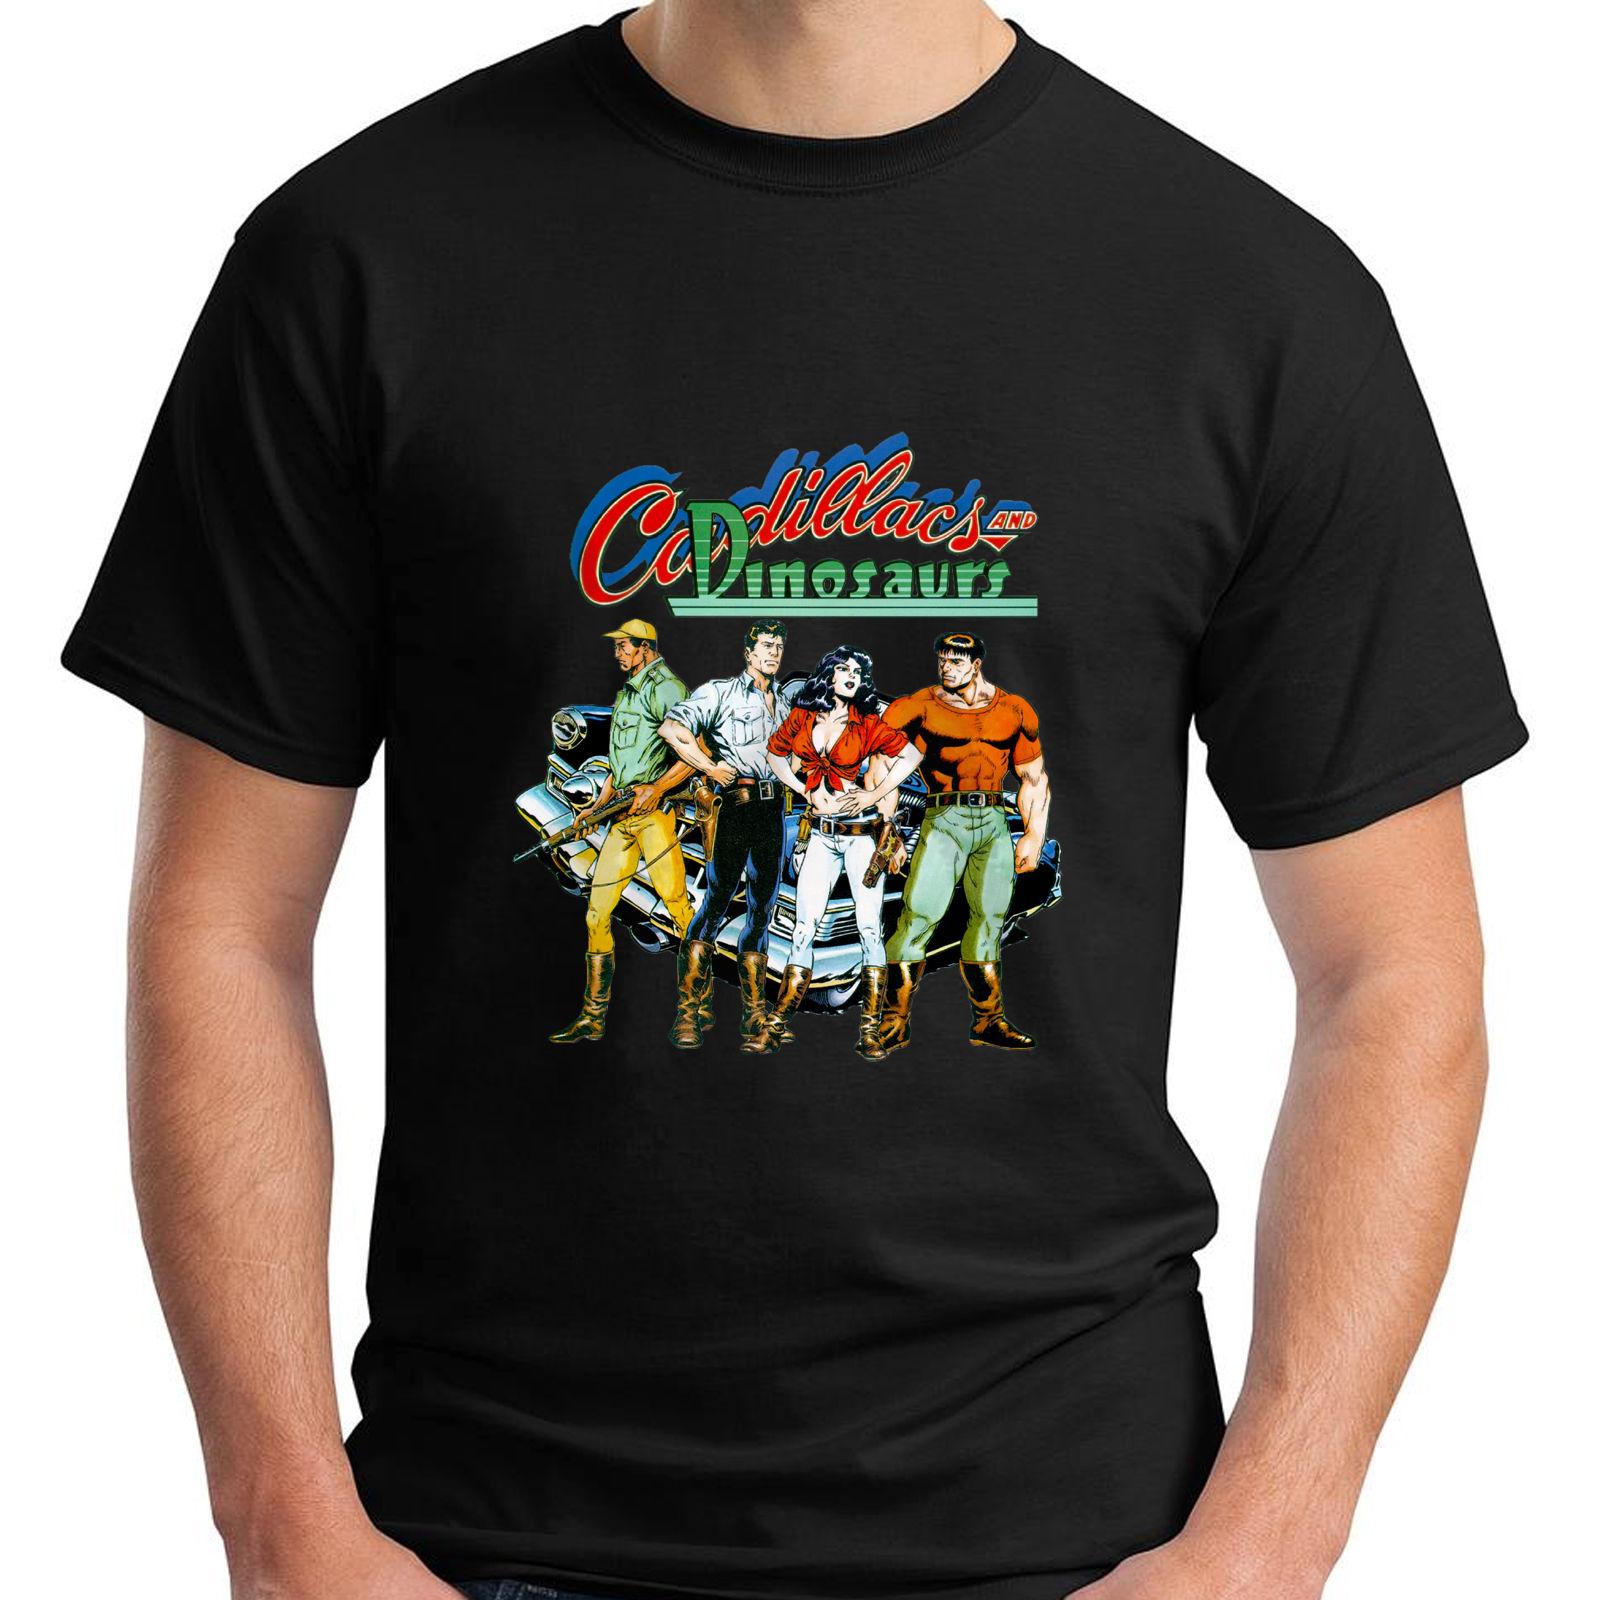 Cadillac и динозавр Ретро видео игры короткий рукав черный Для мужчин футболка S-5XL